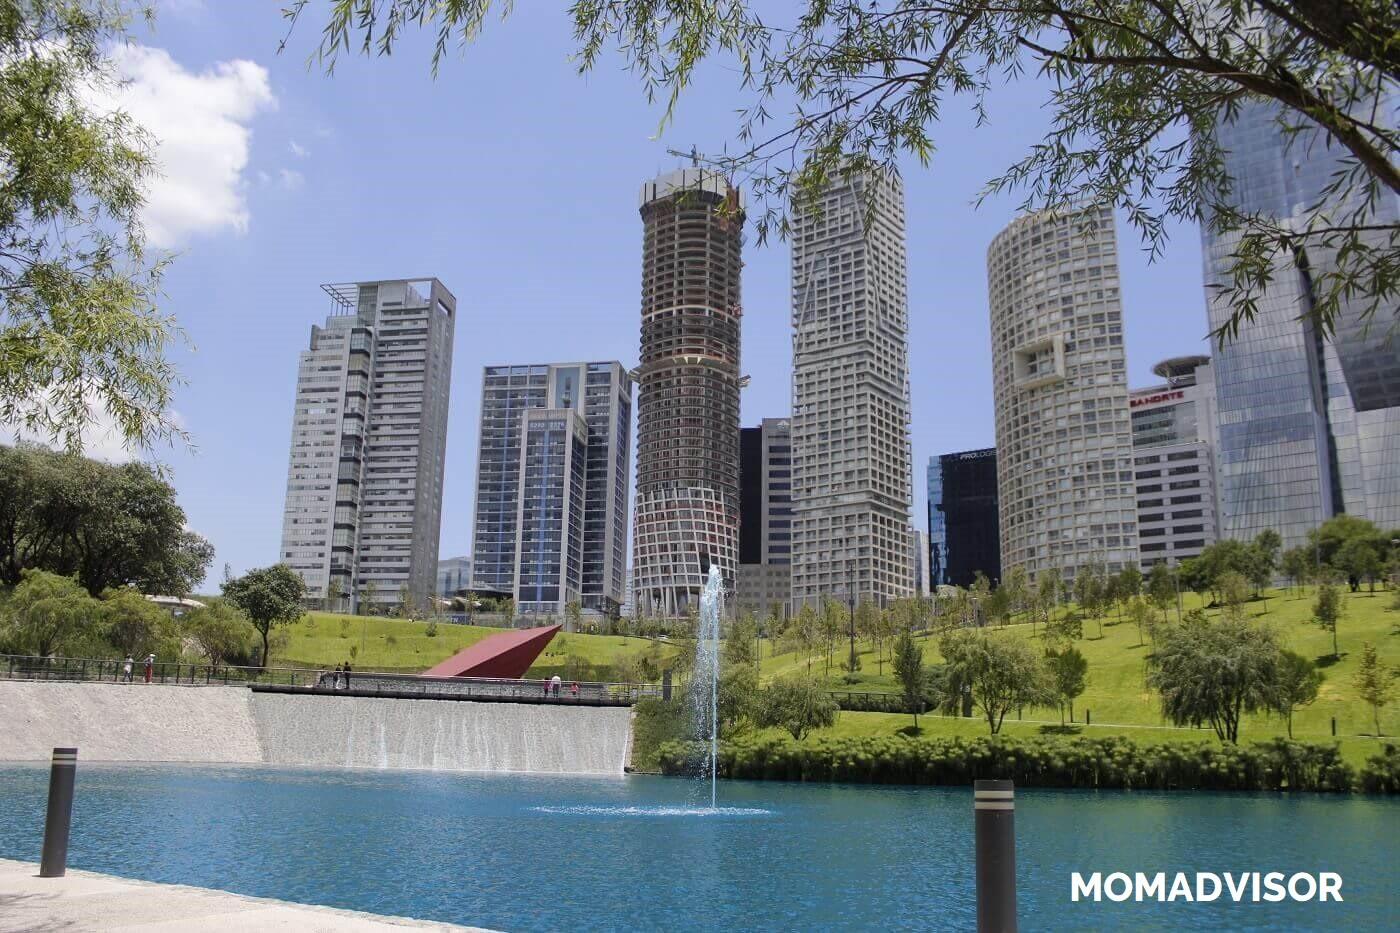 parque-la-mexicana-2-momadvisor-logo